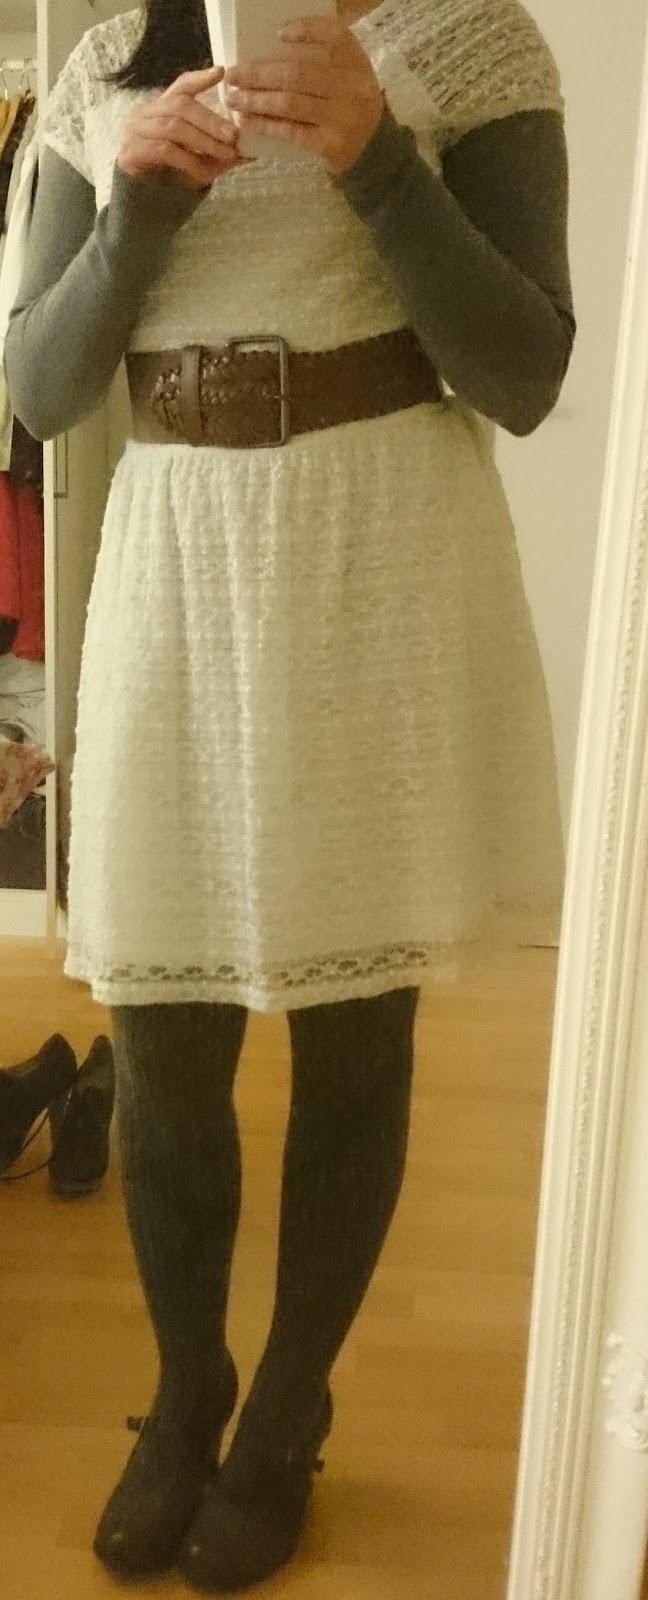 Sommerkleidchen im Winter